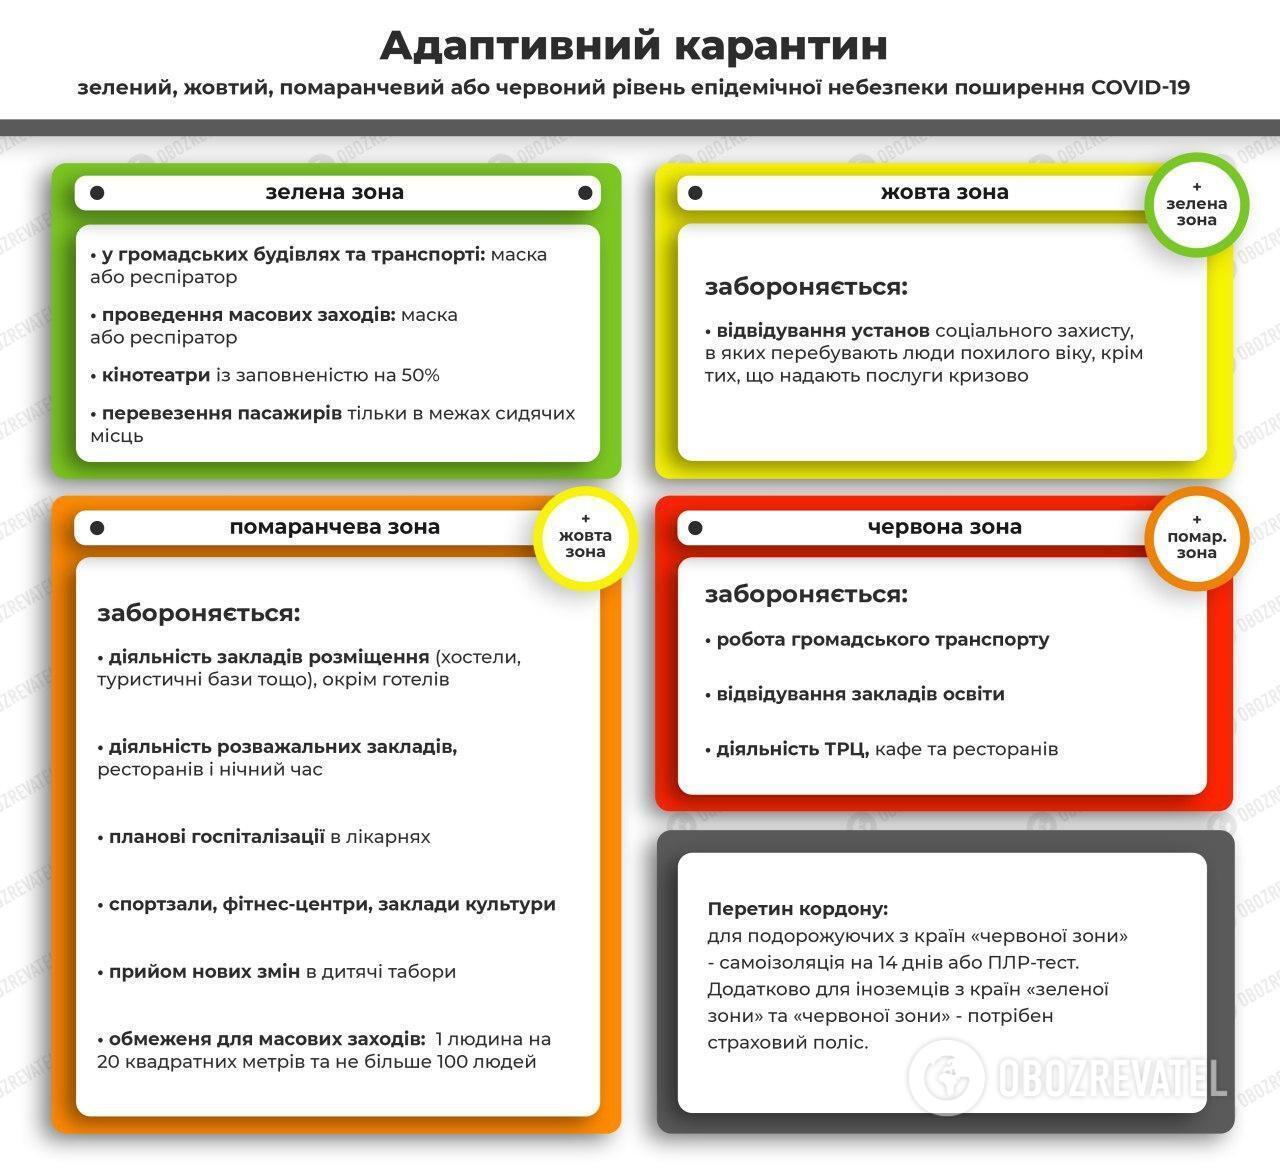 Правила адаптивного карантину в Україні.